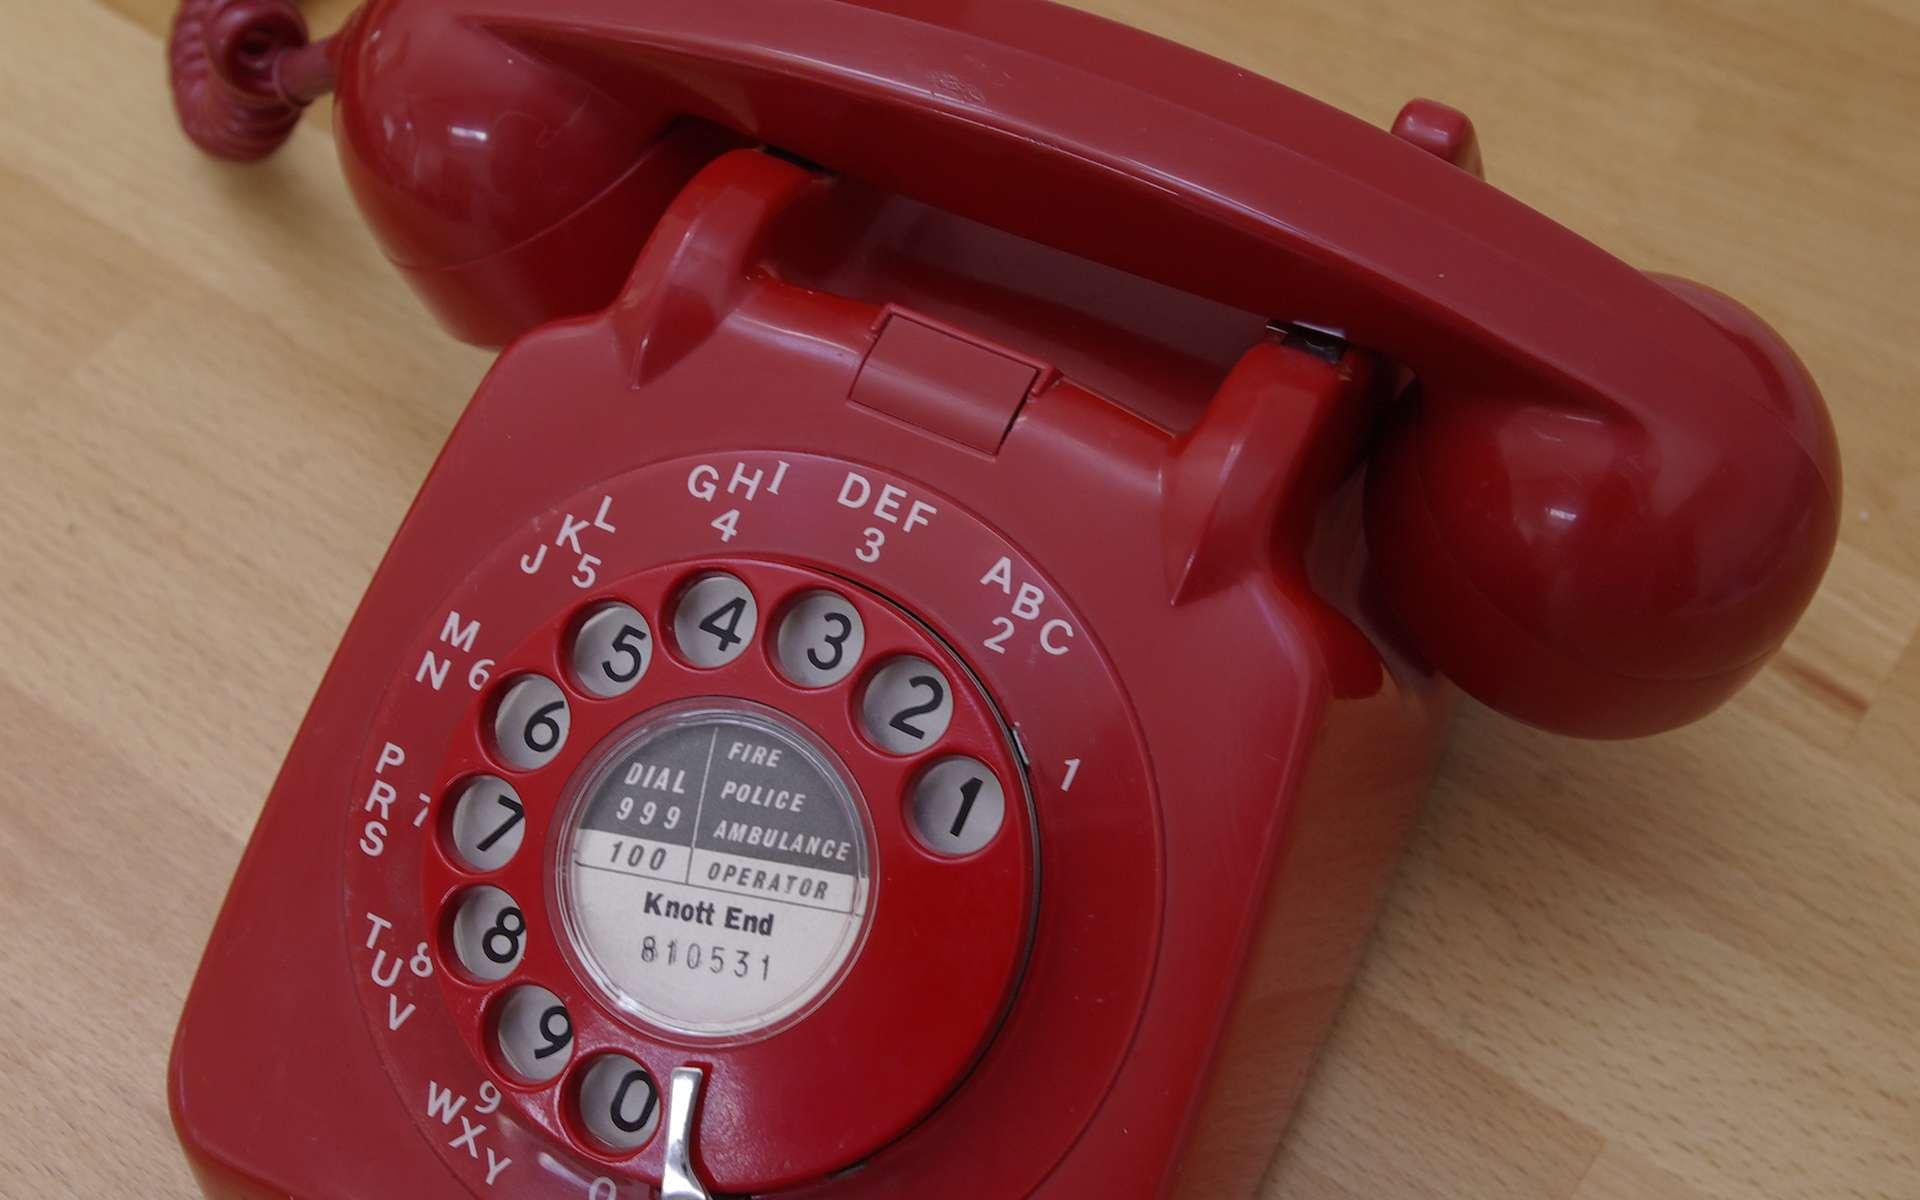 Selon les dernières révélations, la NSA aurait mis sur écoutes téléphoniques l'ensemble d'un pays. Lequel ? Le secret est conservé. © Martin Cathrae, Flickr, cc by sa 2.0